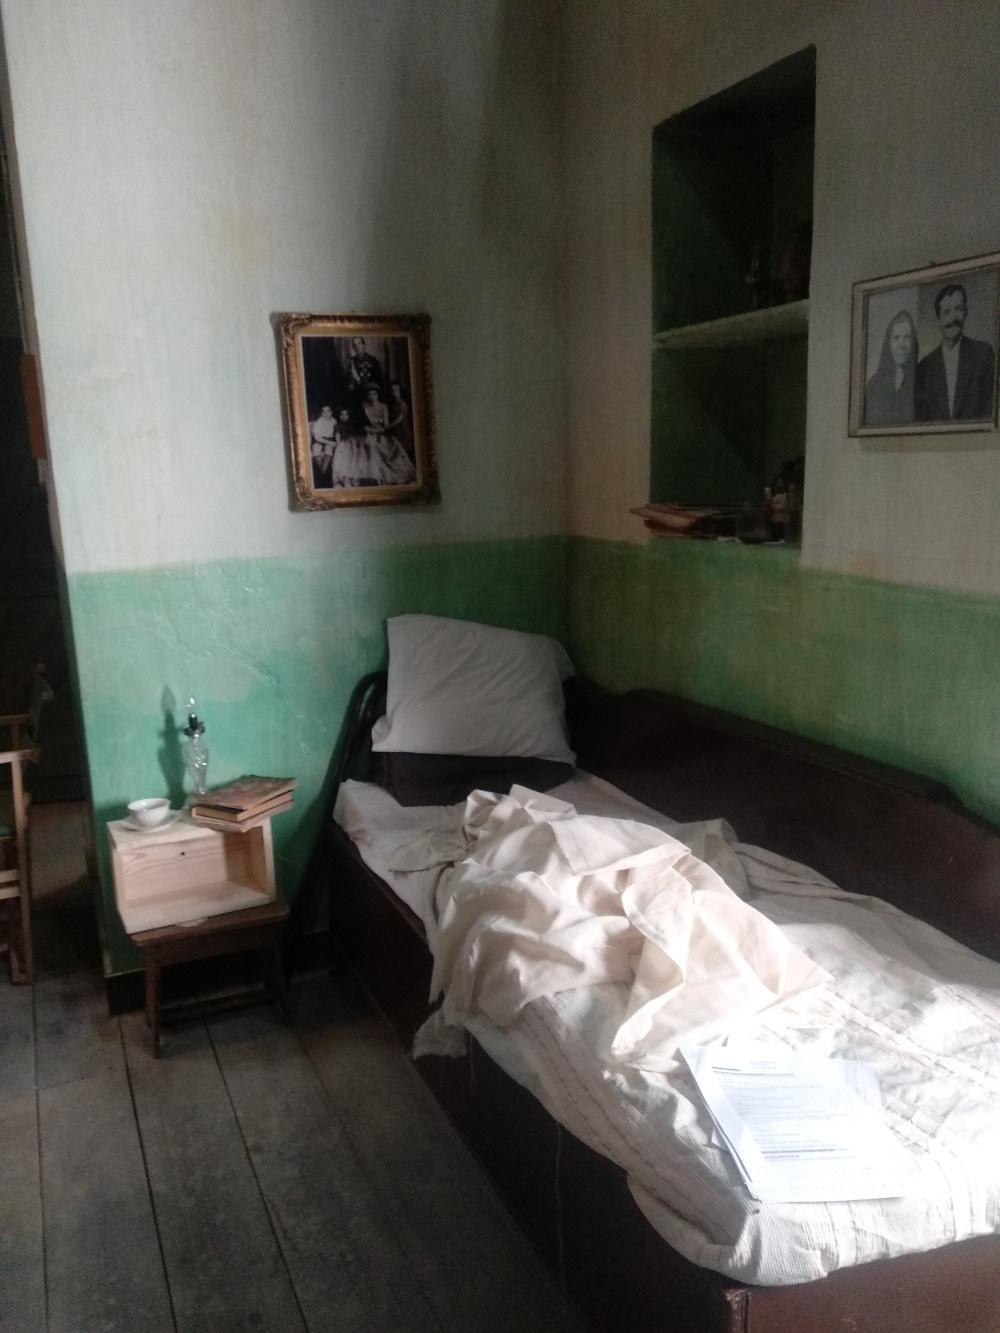 Το μπαουλοντίβανο όπου κοιμάται η μητέρα του Προύσαλη στη σειρά «'Αγριες Μέλισσες»